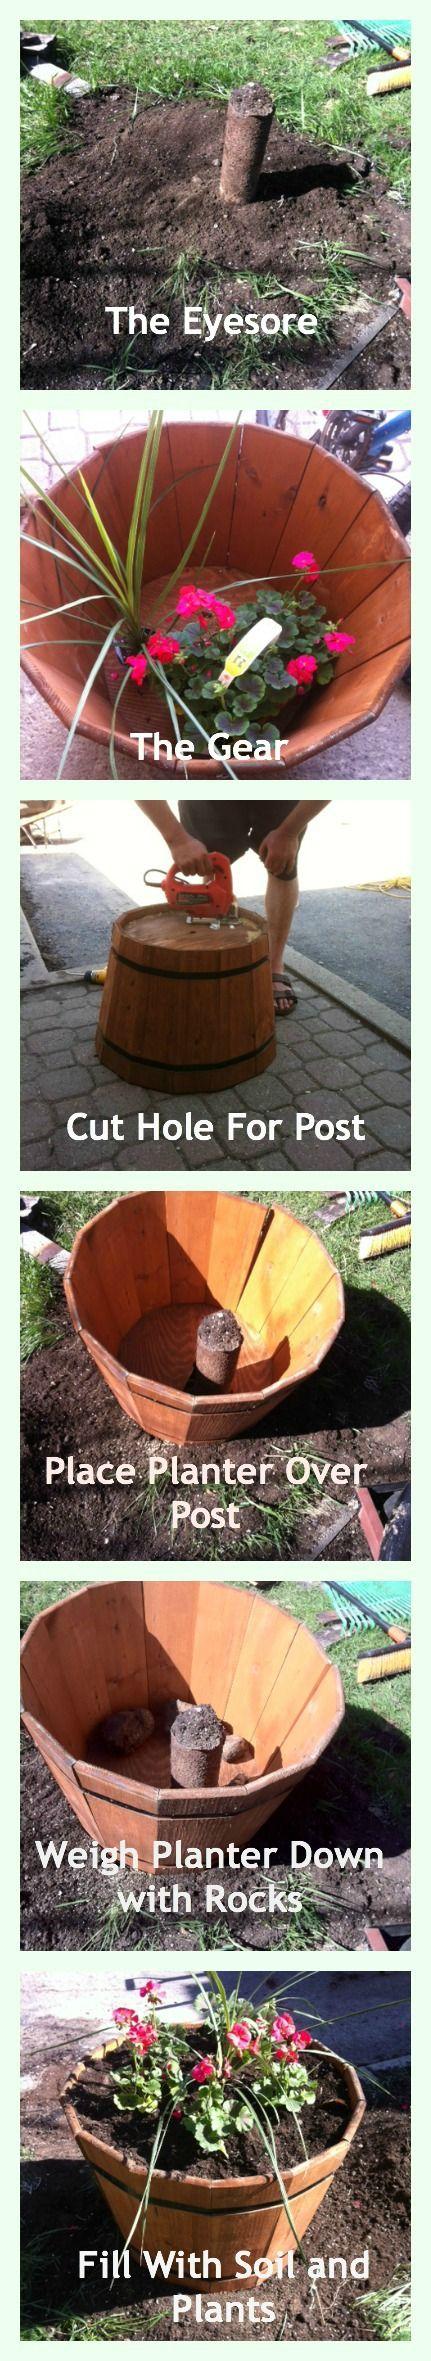 Garden DIY Covering an Eyesore with a Rain Barrel Planter